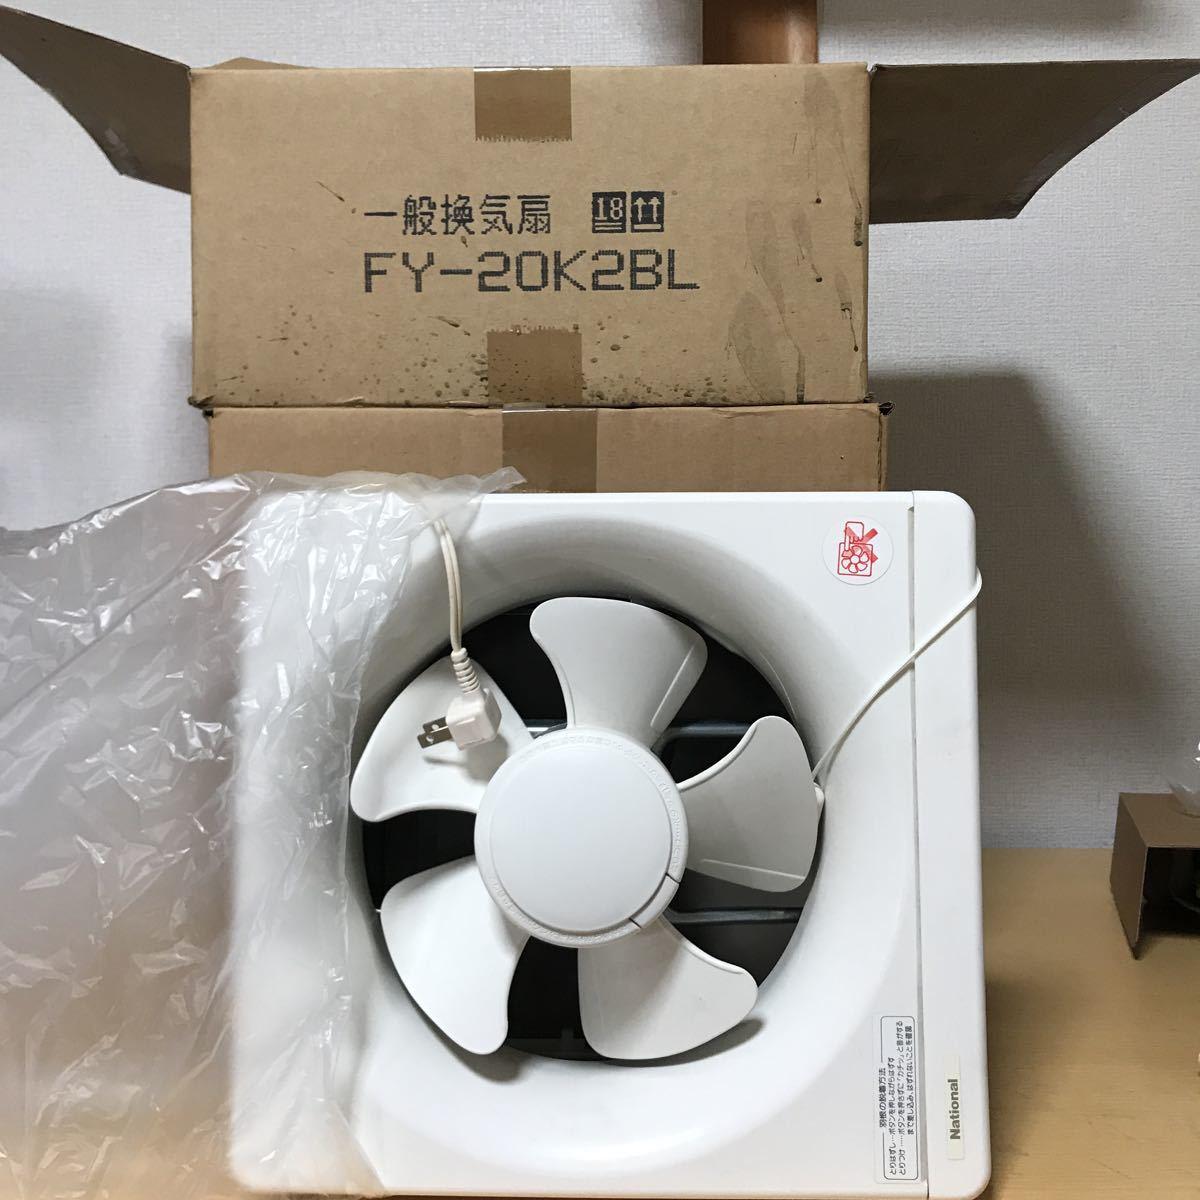 【ジャンク】一般換気扇 FY-20K2BL 3個セット